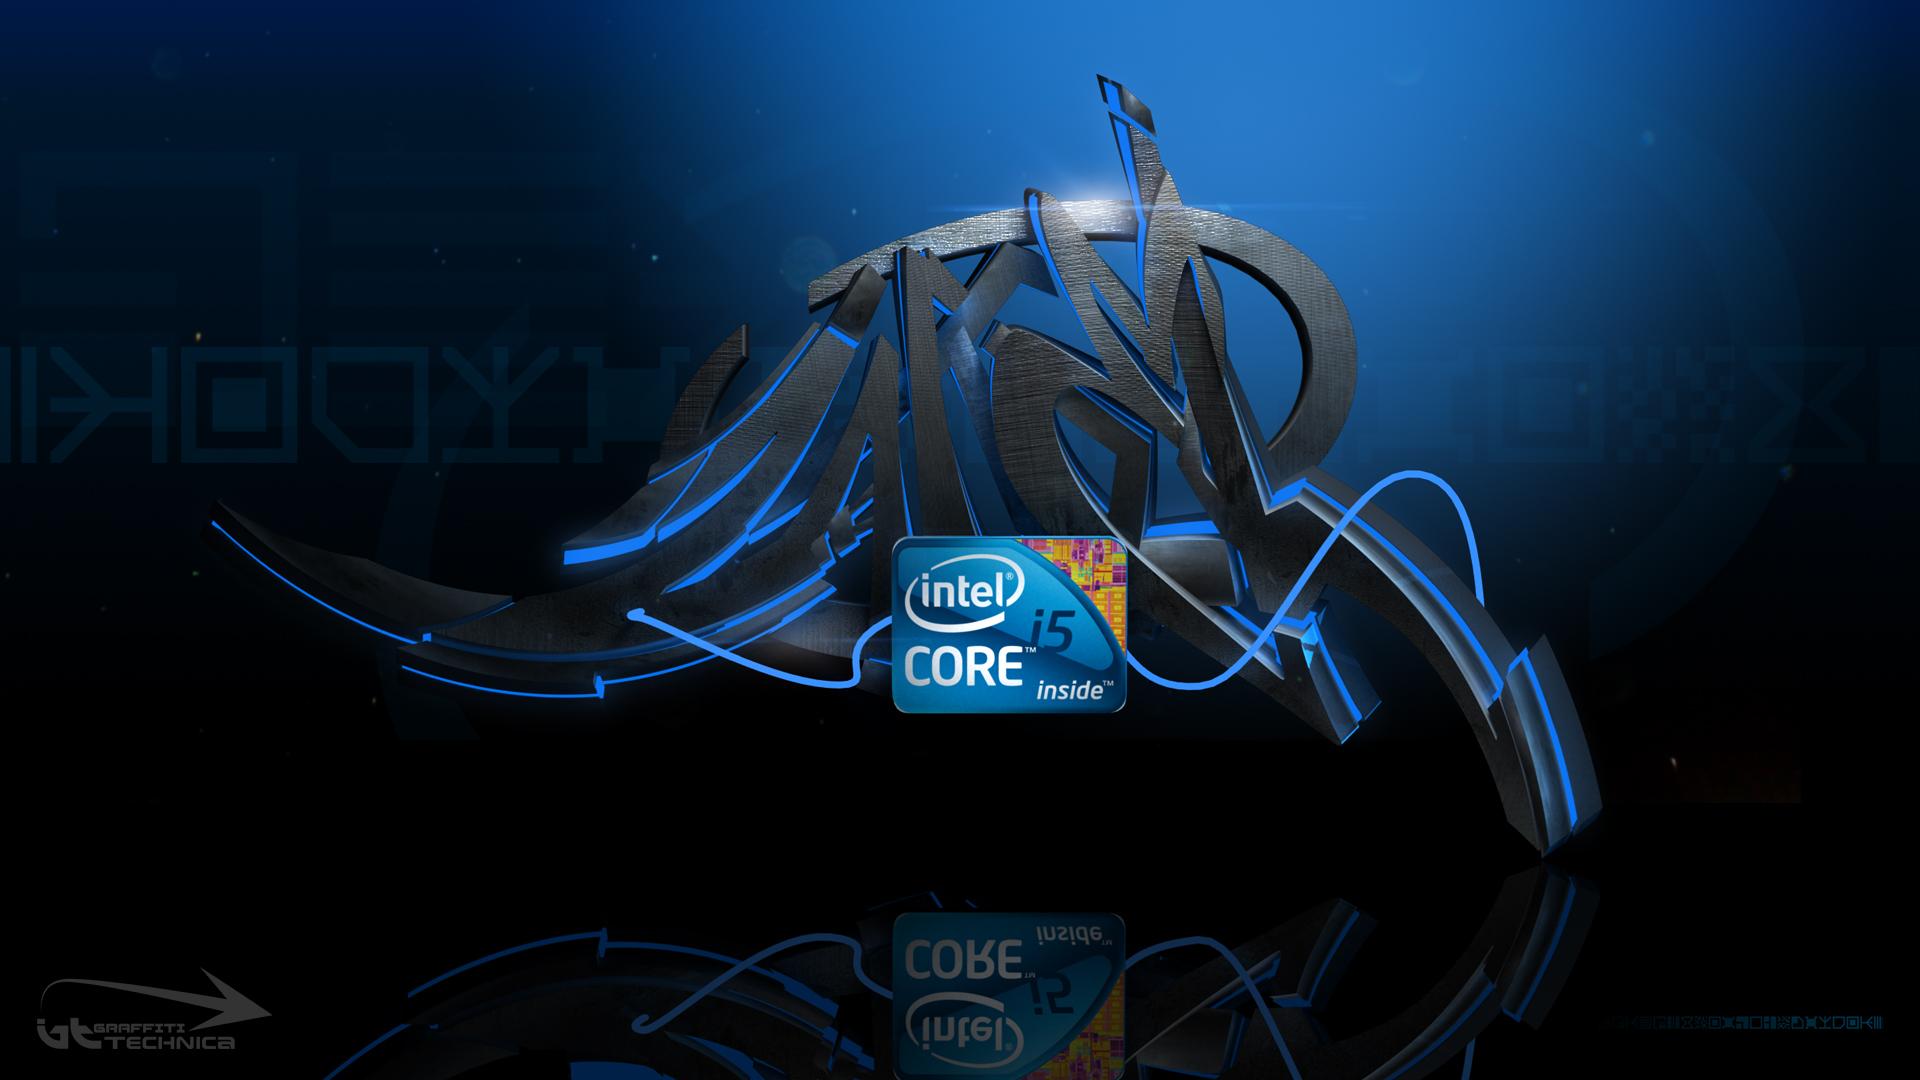 Intel core i5 graffiti Intel core i5 graffiti wallpaper   HD 1920x1080